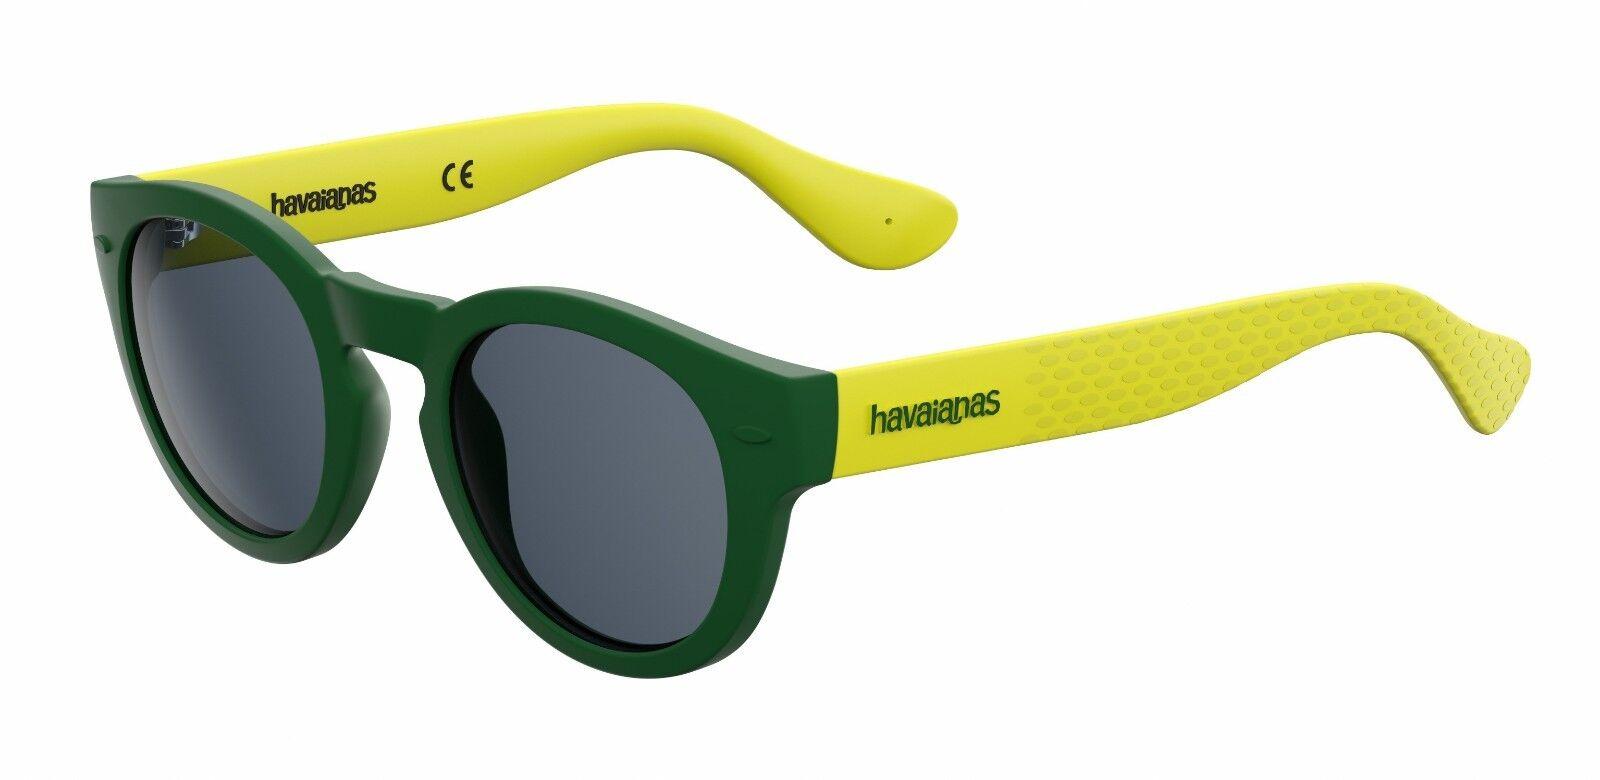 Sonnenbrille Havaianas Trancoso M QPN (9A) Grün Gelb |  Neuer Markt